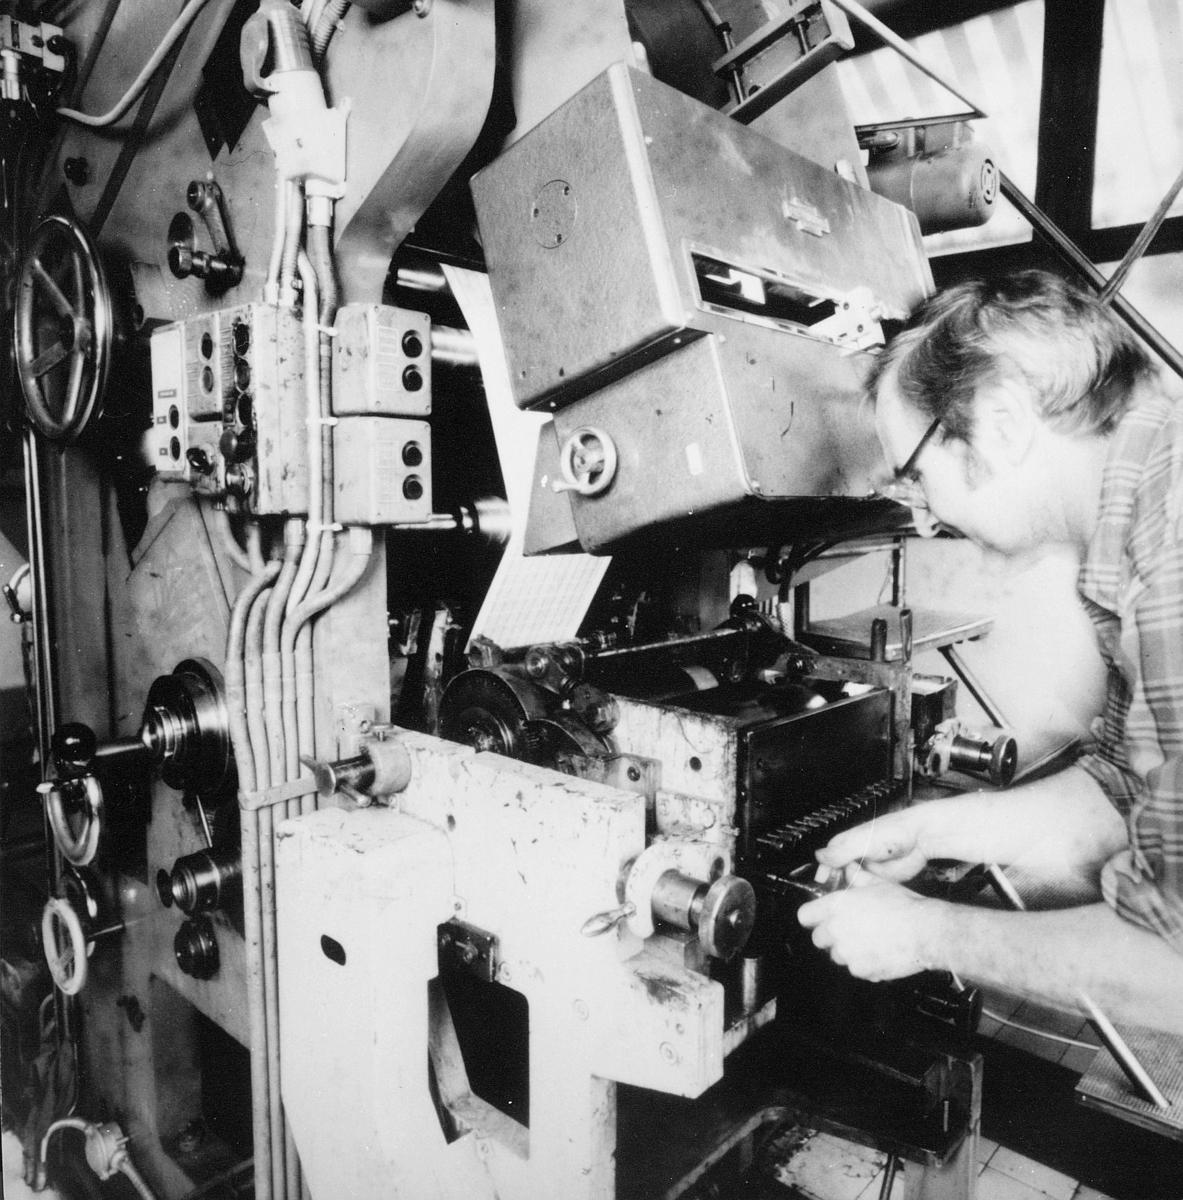 frimerketrykking, Norges bank Seddeltrykkeriet, fargejustering, ståltrykkmaskin, en mann står ved maskinen